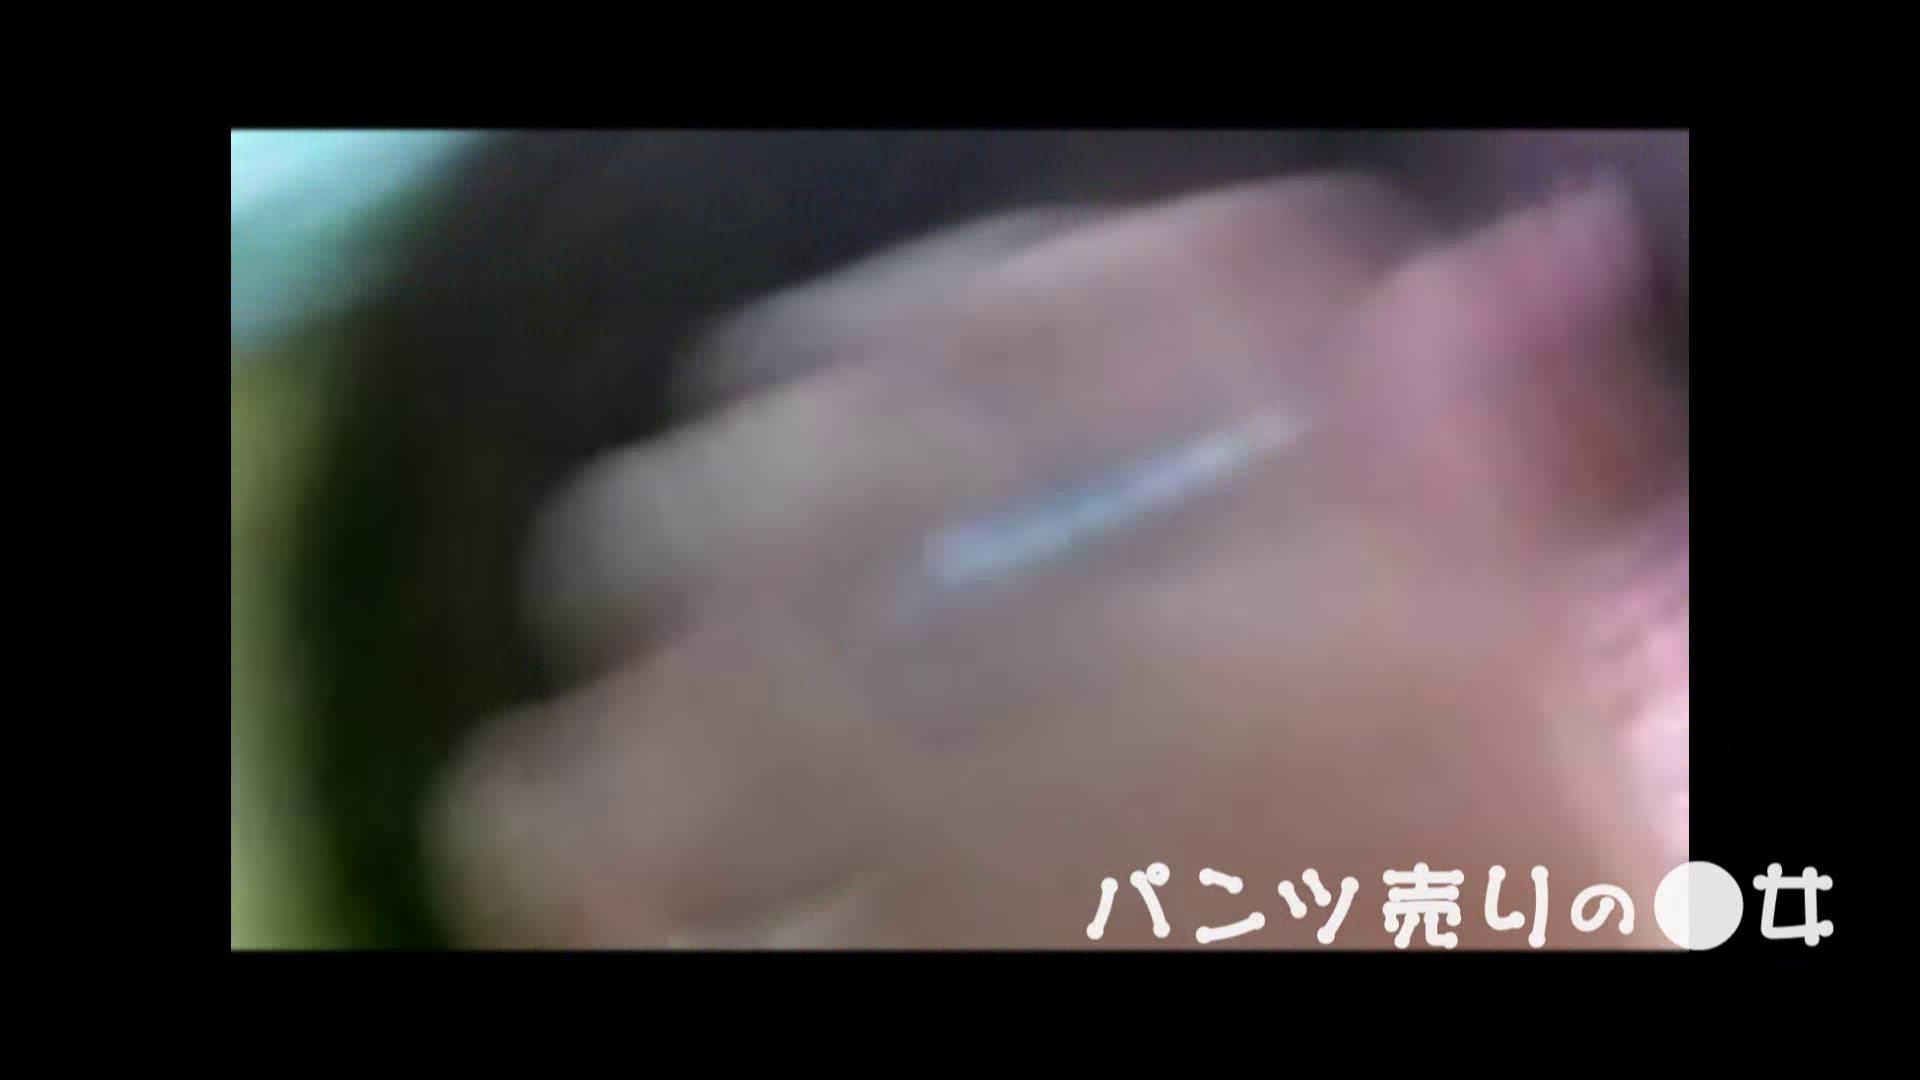 新説 パンツ売りの女の子nana05 一般投稿  82pic 56